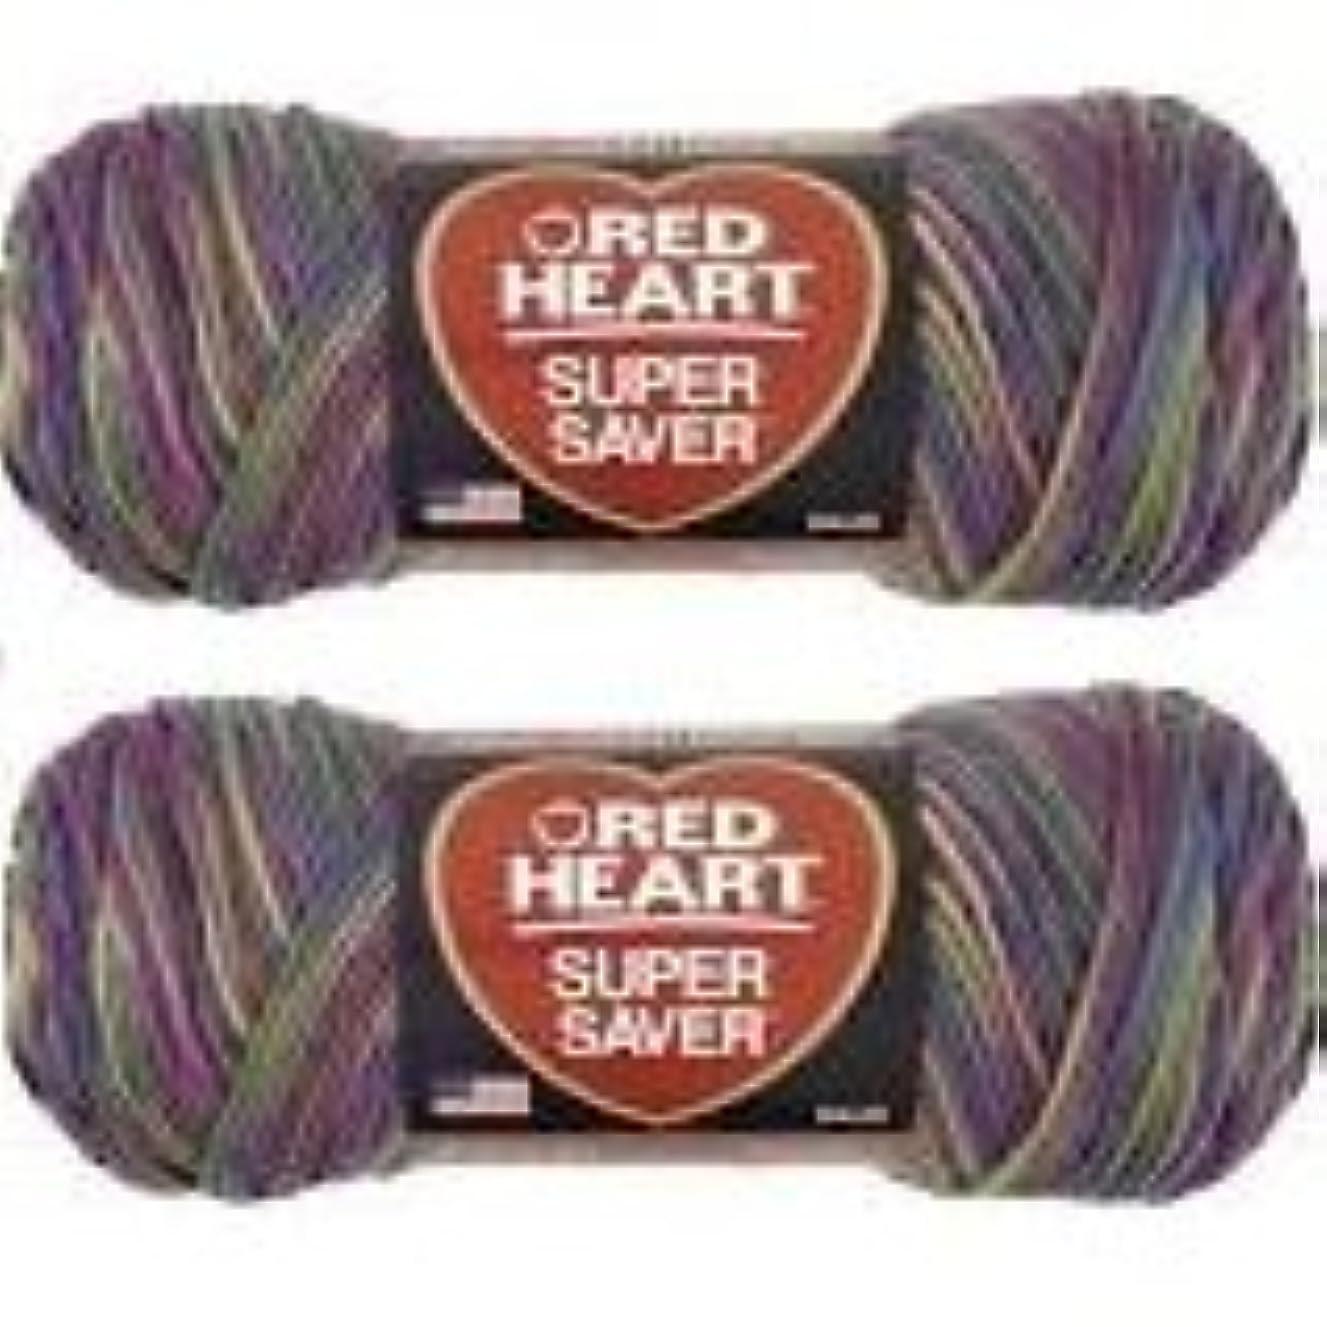 Bulk Buy: Red Heart Super Saver (2-pack) (Artist Print, 5 oz each skein)